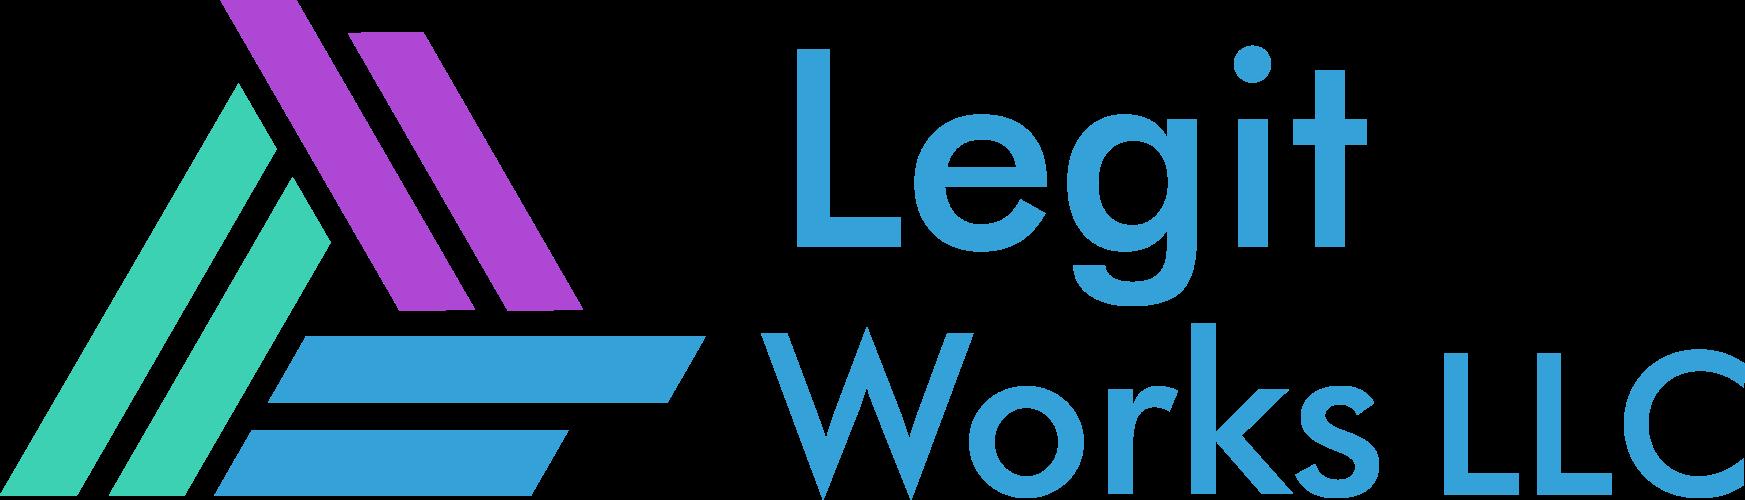 Legit Works LLC